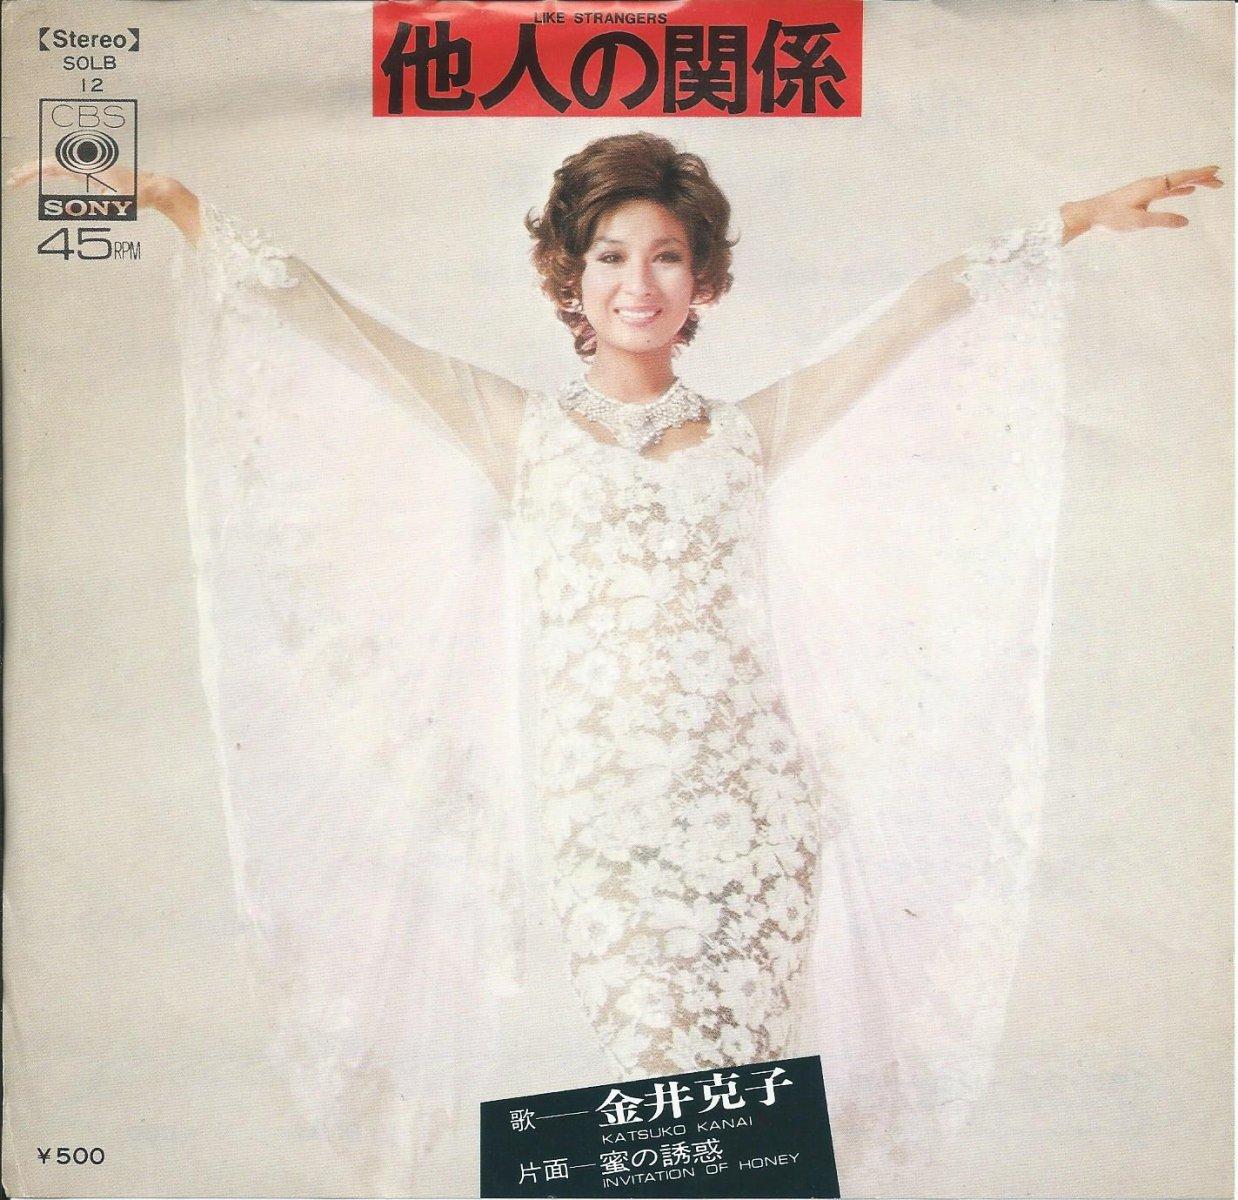 金井克子 KATSUKO KANAI / 他人の関係 LIKE STRANGERS / 蜜の誘惑 INVITATION OF HONEY (7